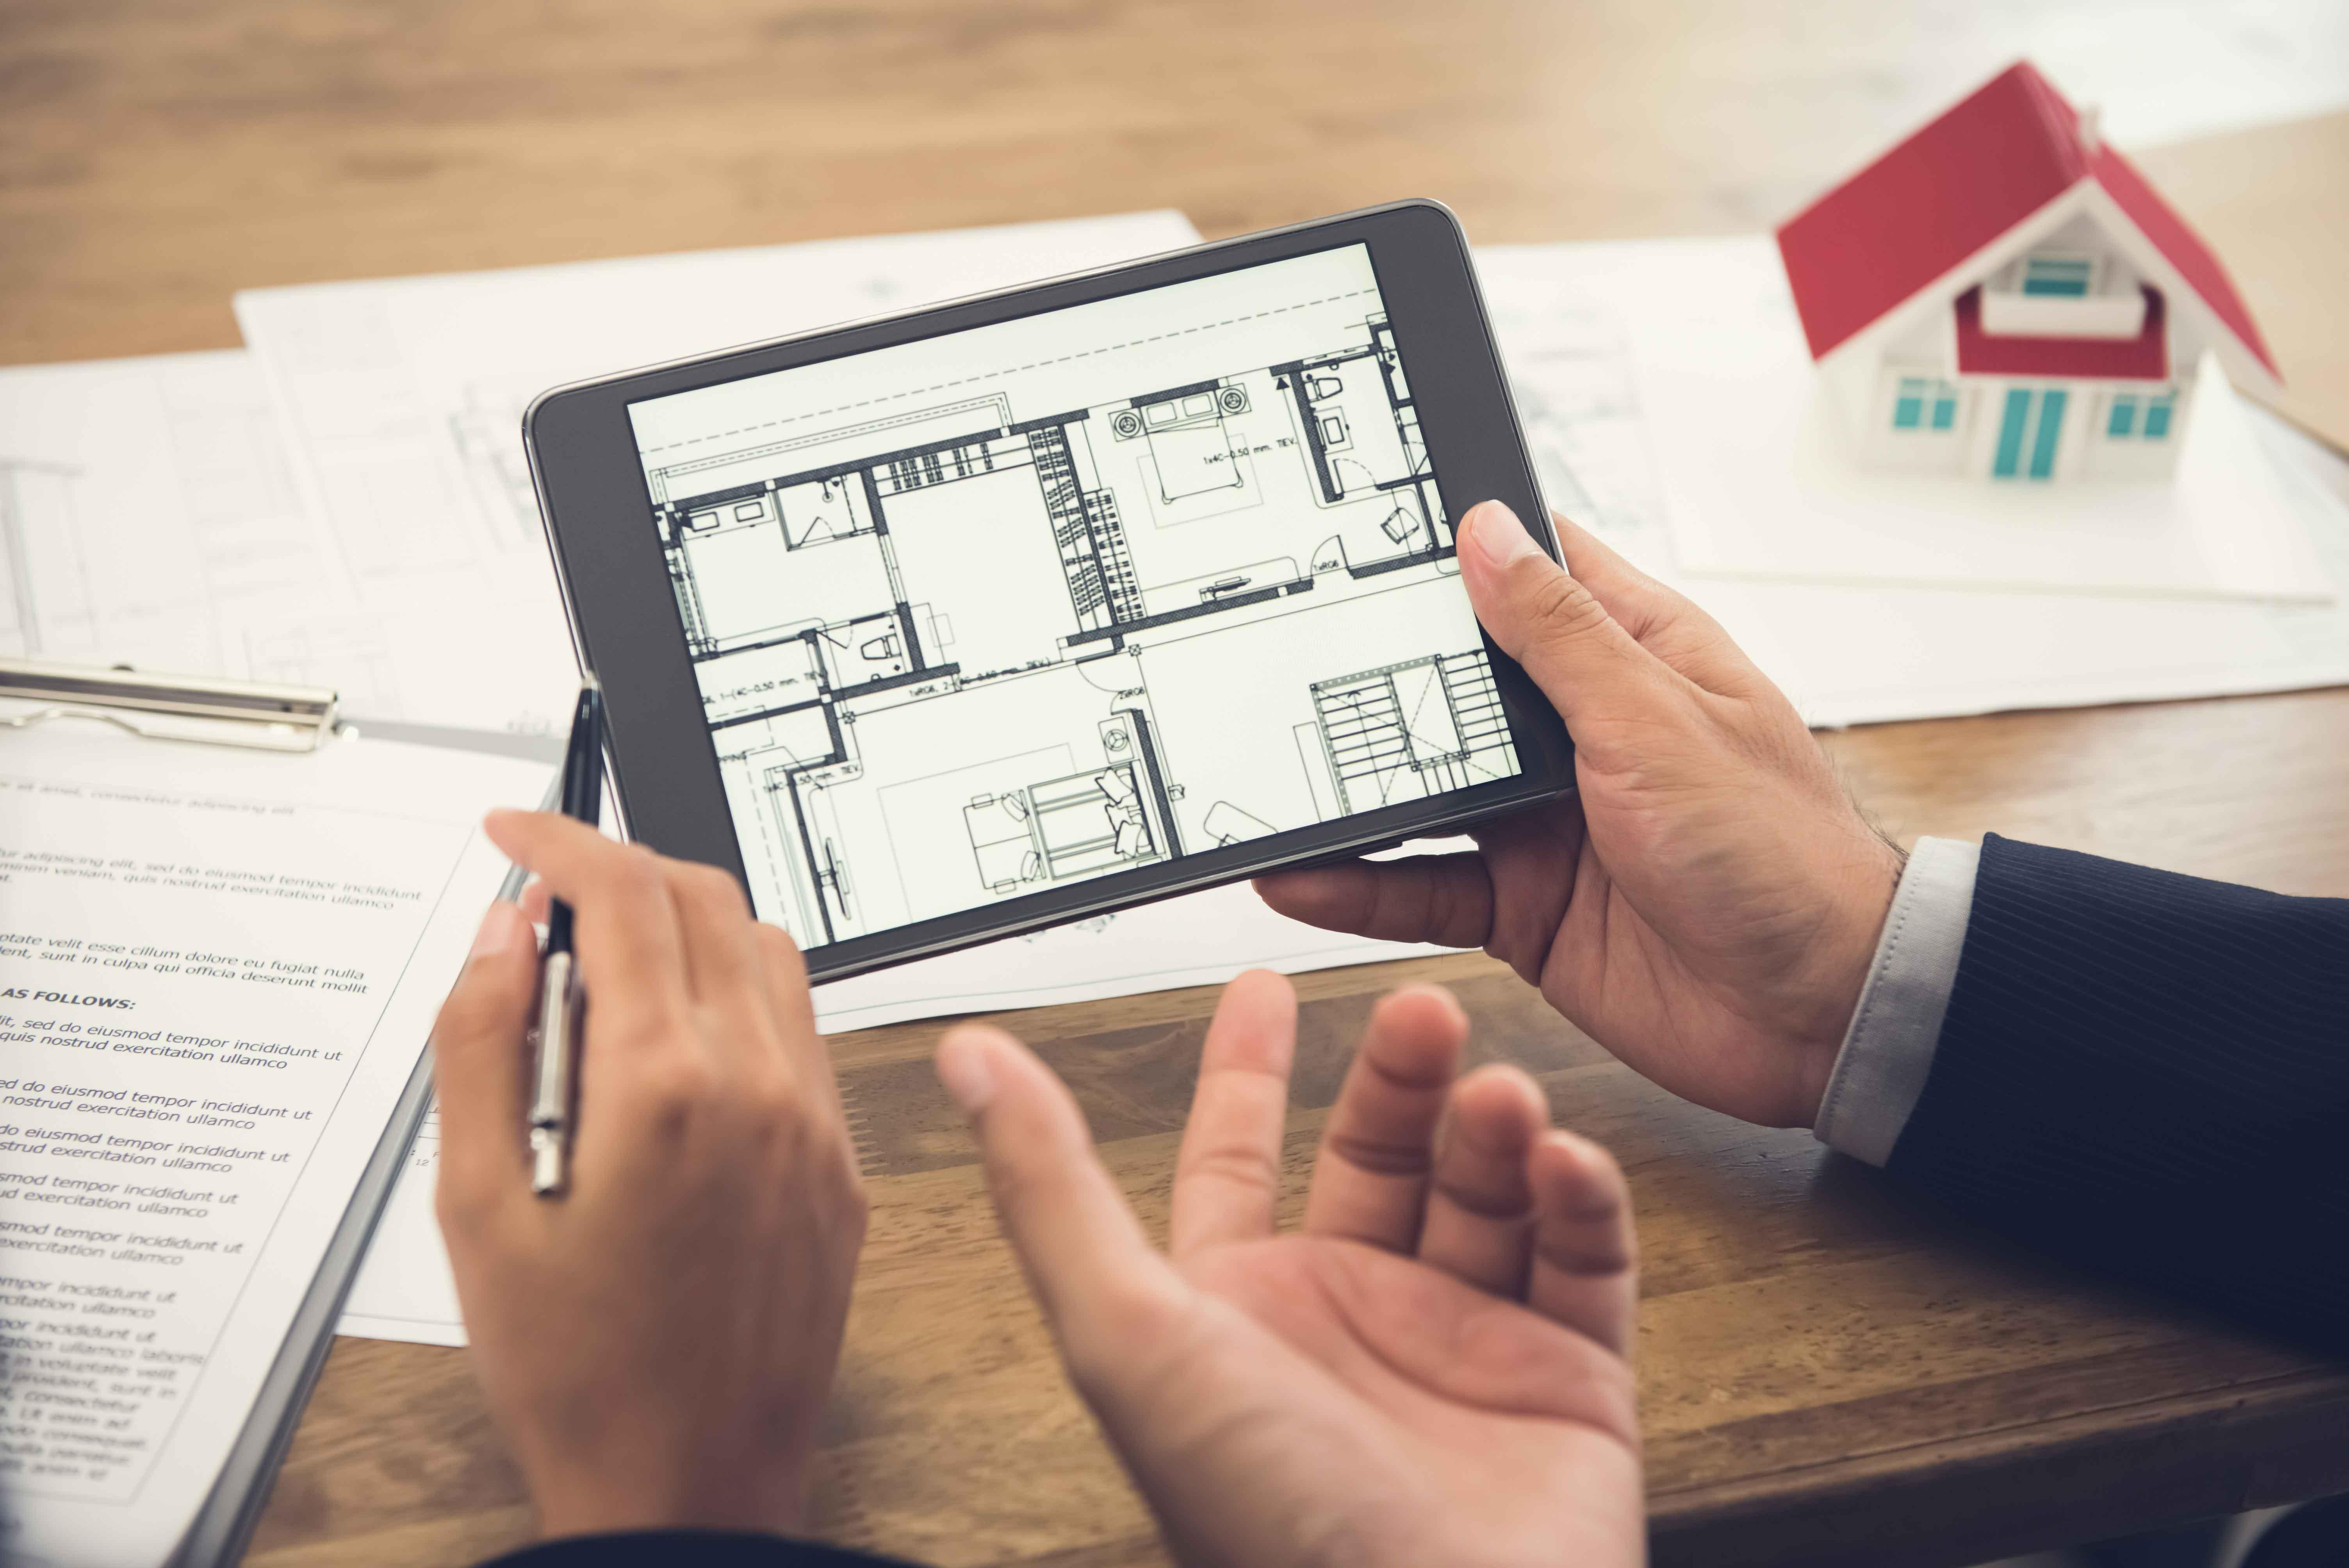 Persona mirando planos de vivienda en tablet